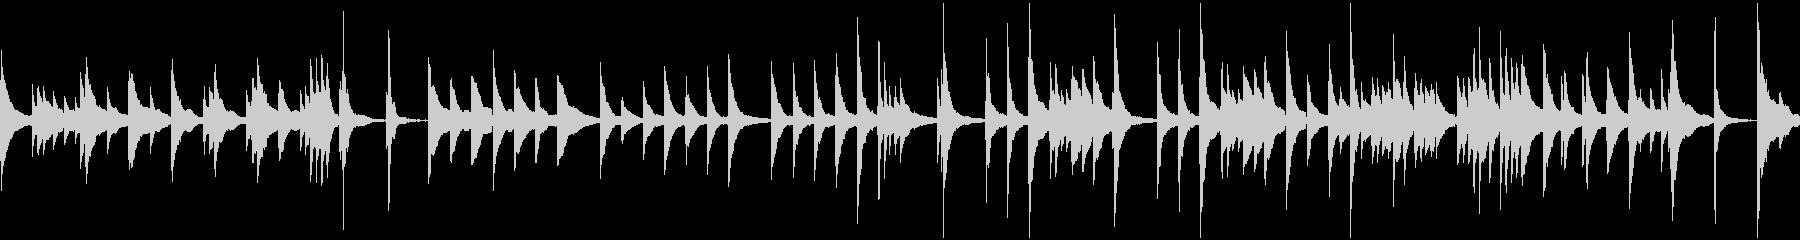 ゆっくりめの琴、和風のBGM(ループ)の未再生の波形